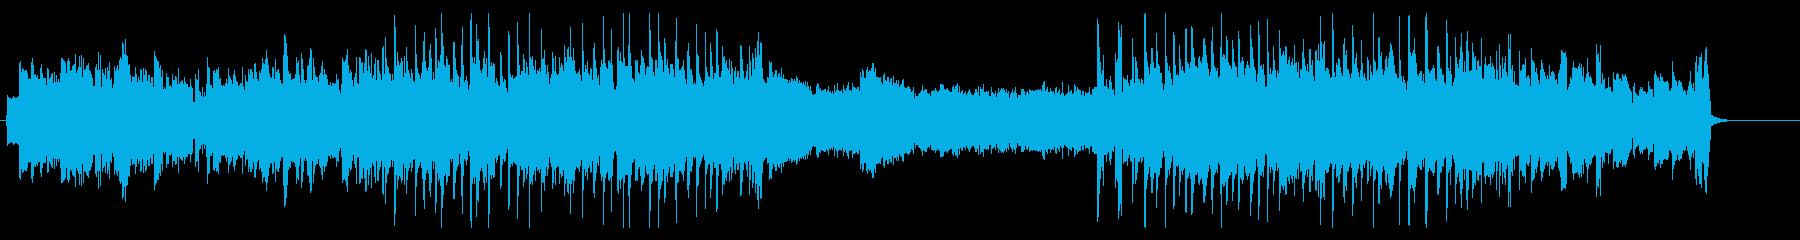 【ハードロック】怒り_激情_大噴火の再生済みの波形